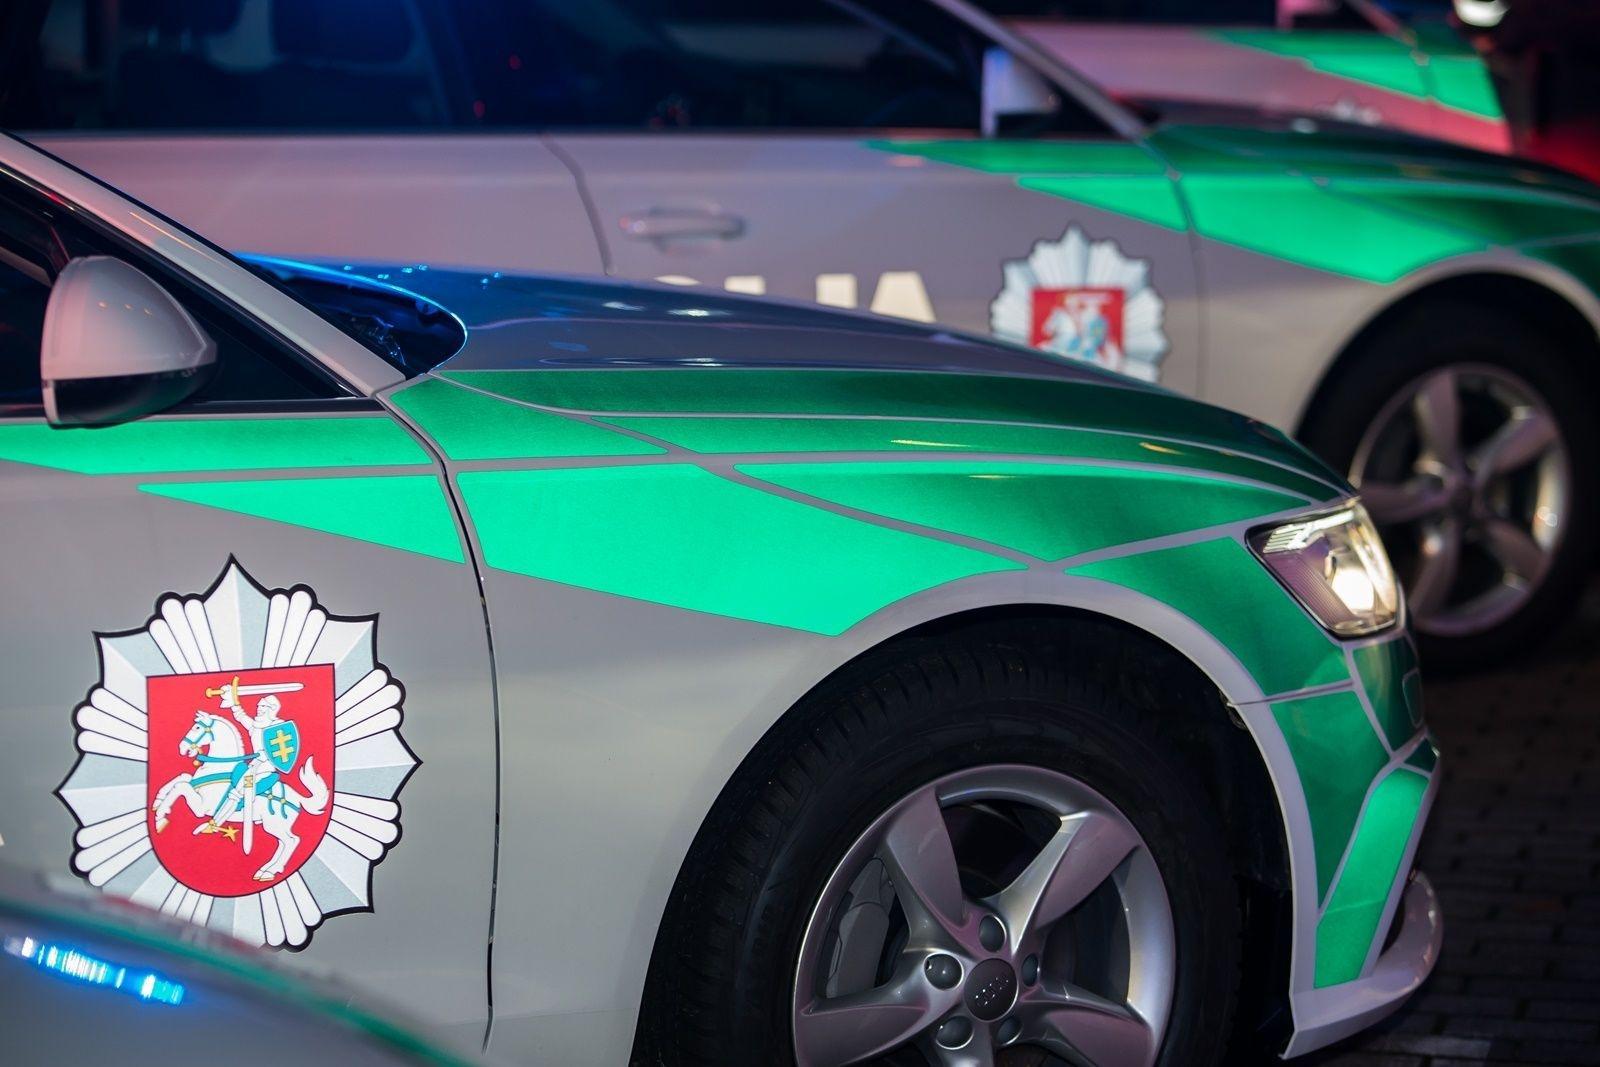 Praėjusi para Panevėžyje: vagystės, narkotikai ir sumuštas vairuotojas